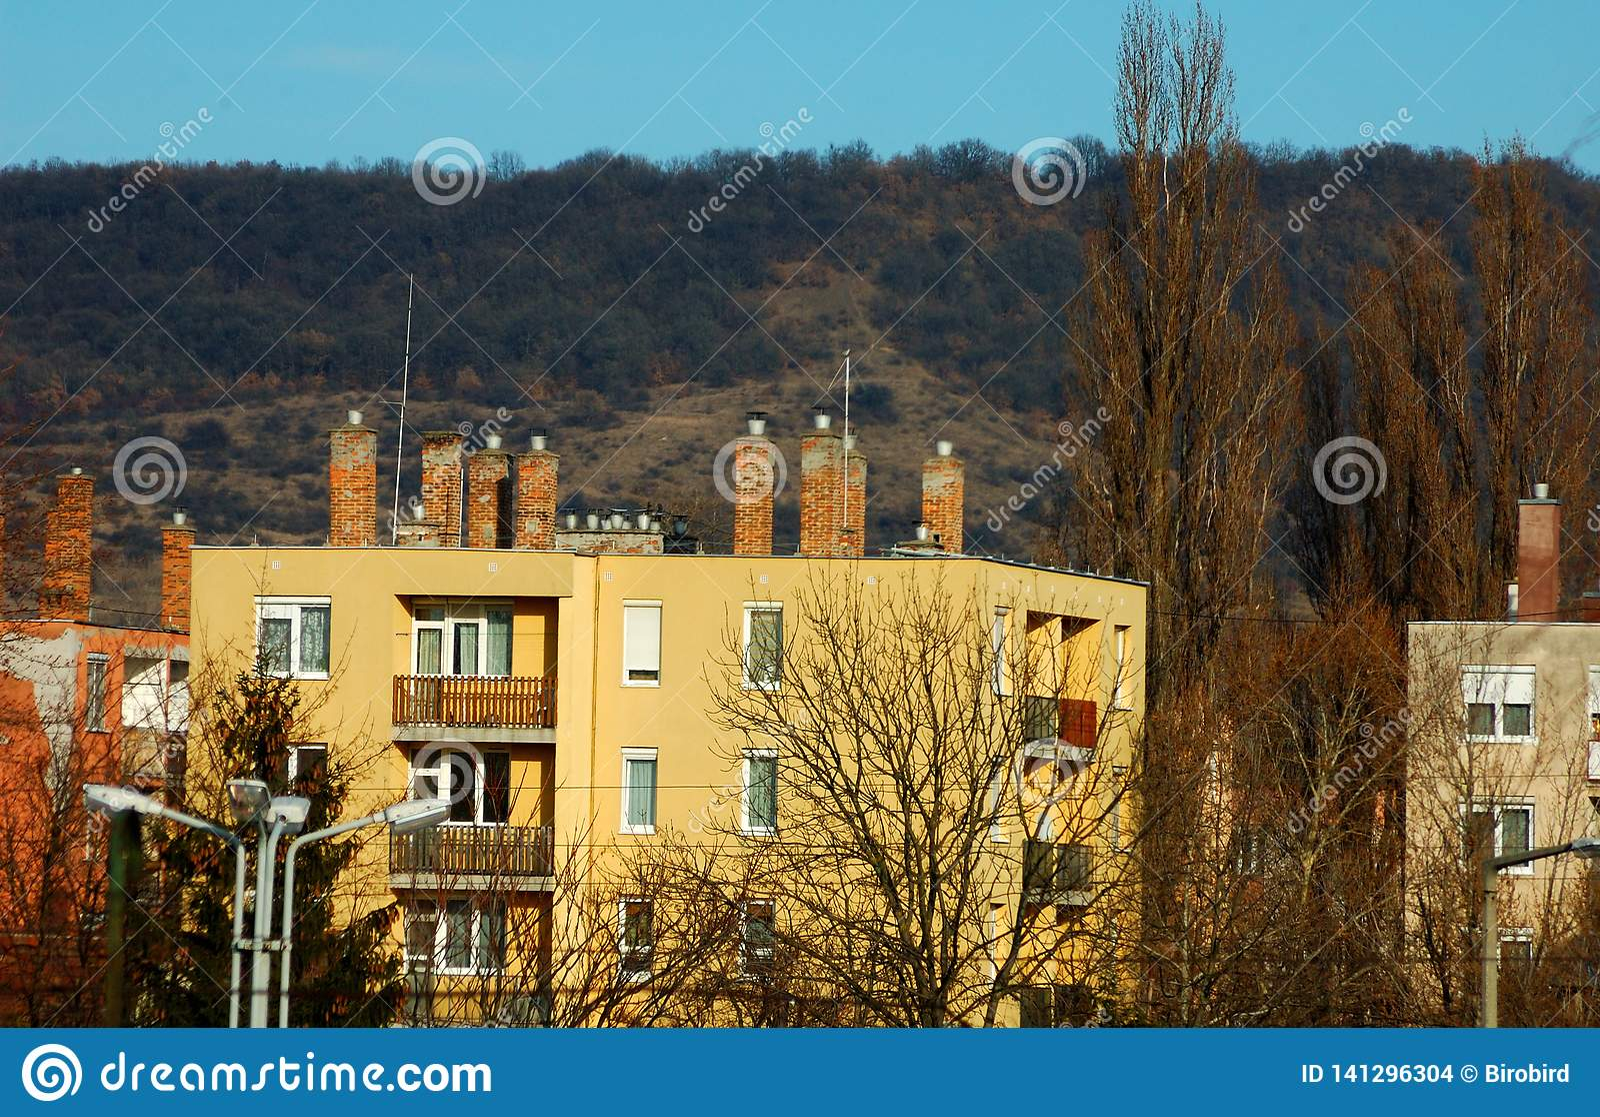 Bloque de viviendas delante de una montaña